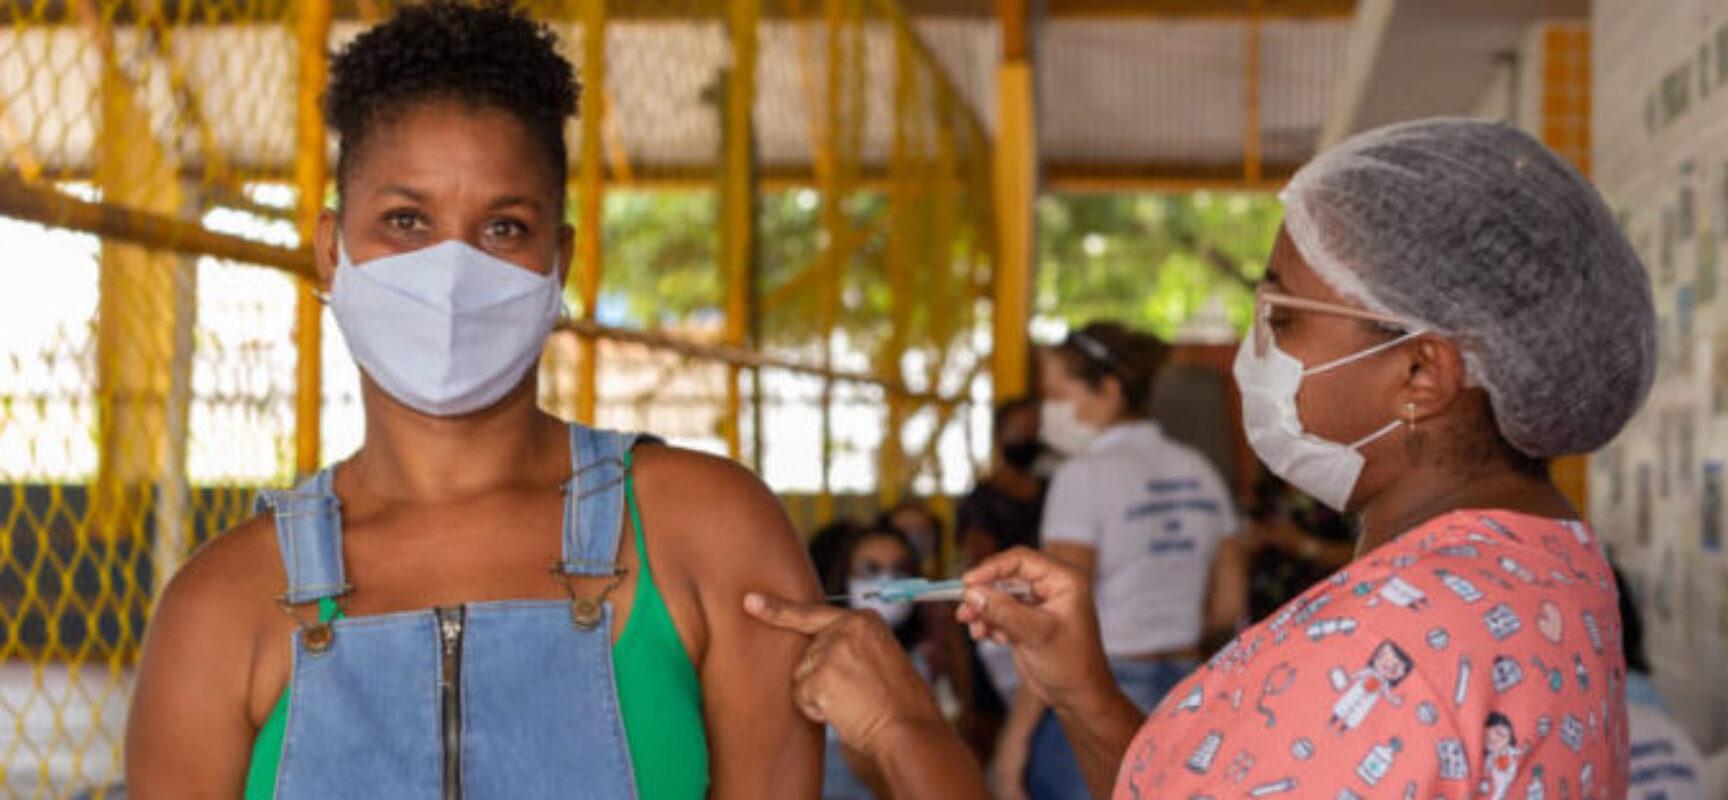 Bahia ultrapassa os 5 milhões de vacinados com 1ª dose e dose única contra Covid